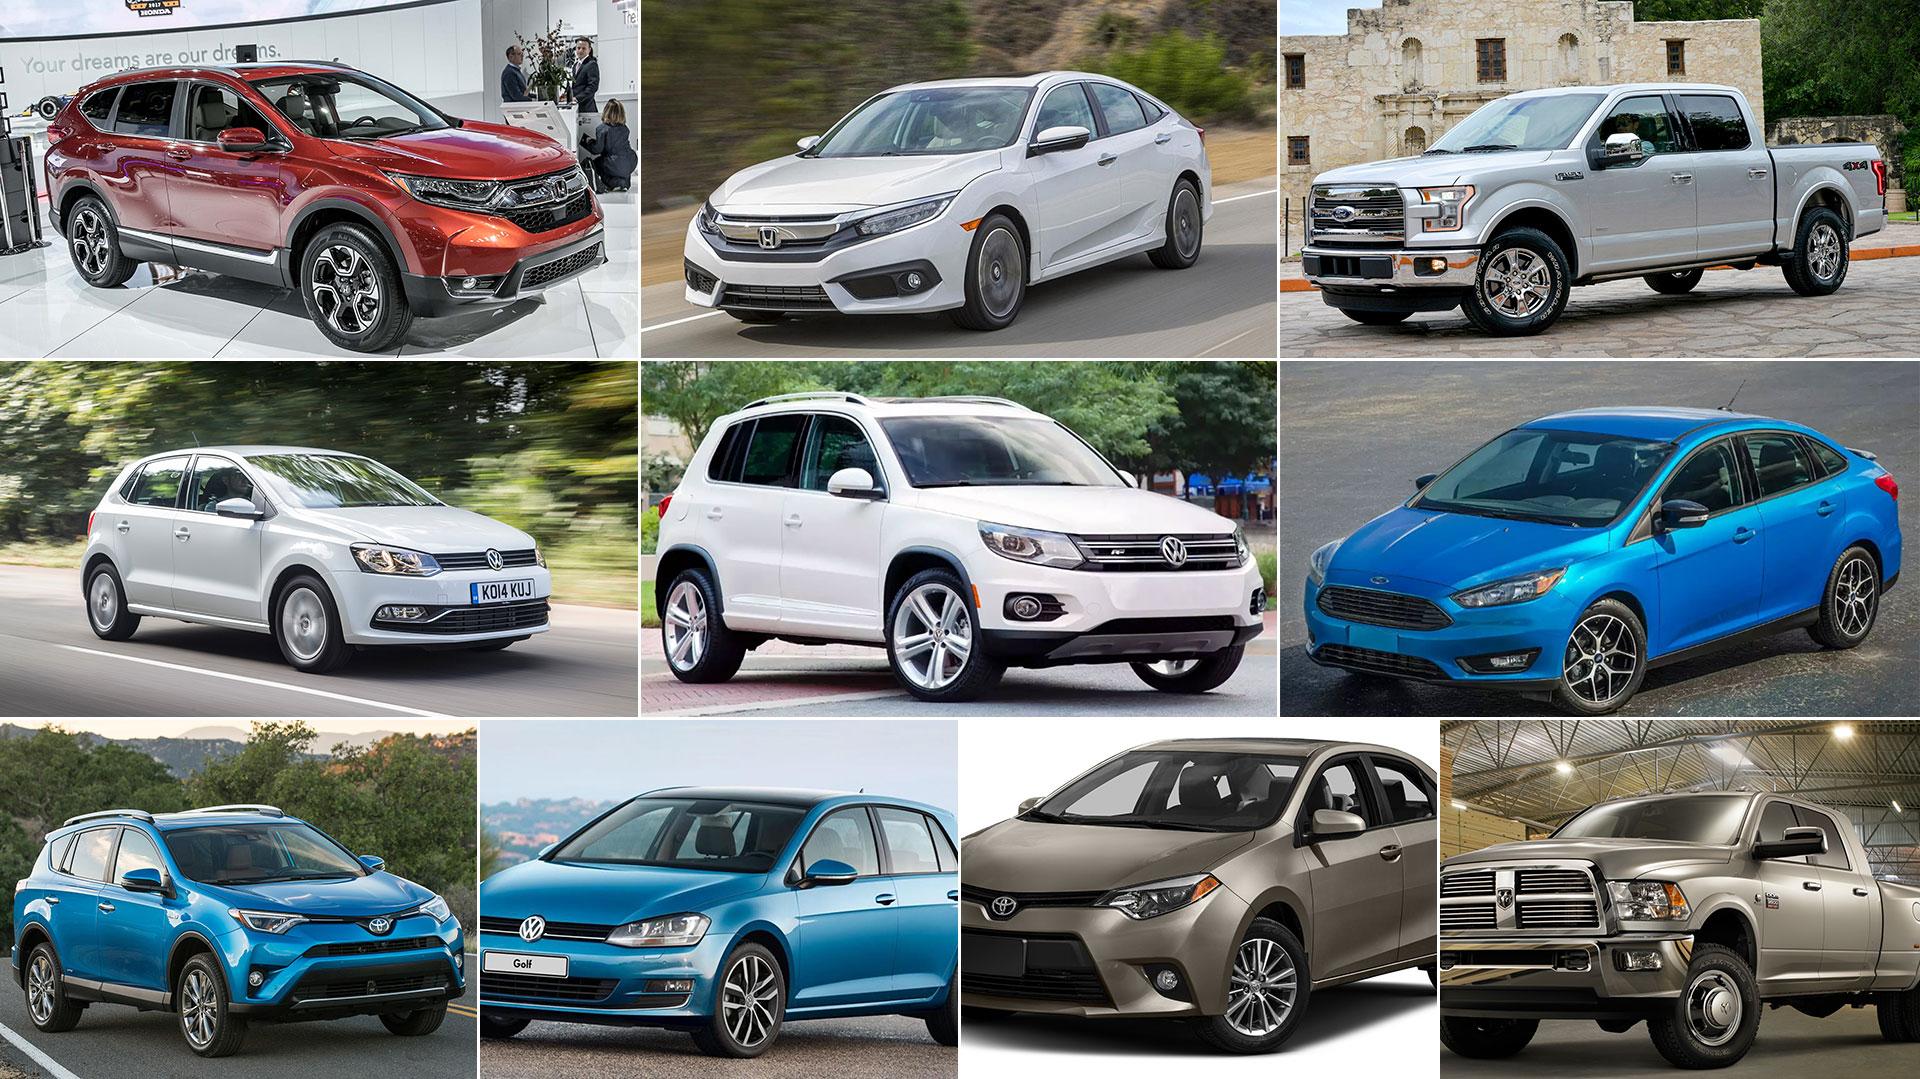 Vendidos Más En Los Del Mundo 2017 100 Infobae Automóviles 0NwO8Pnvmy